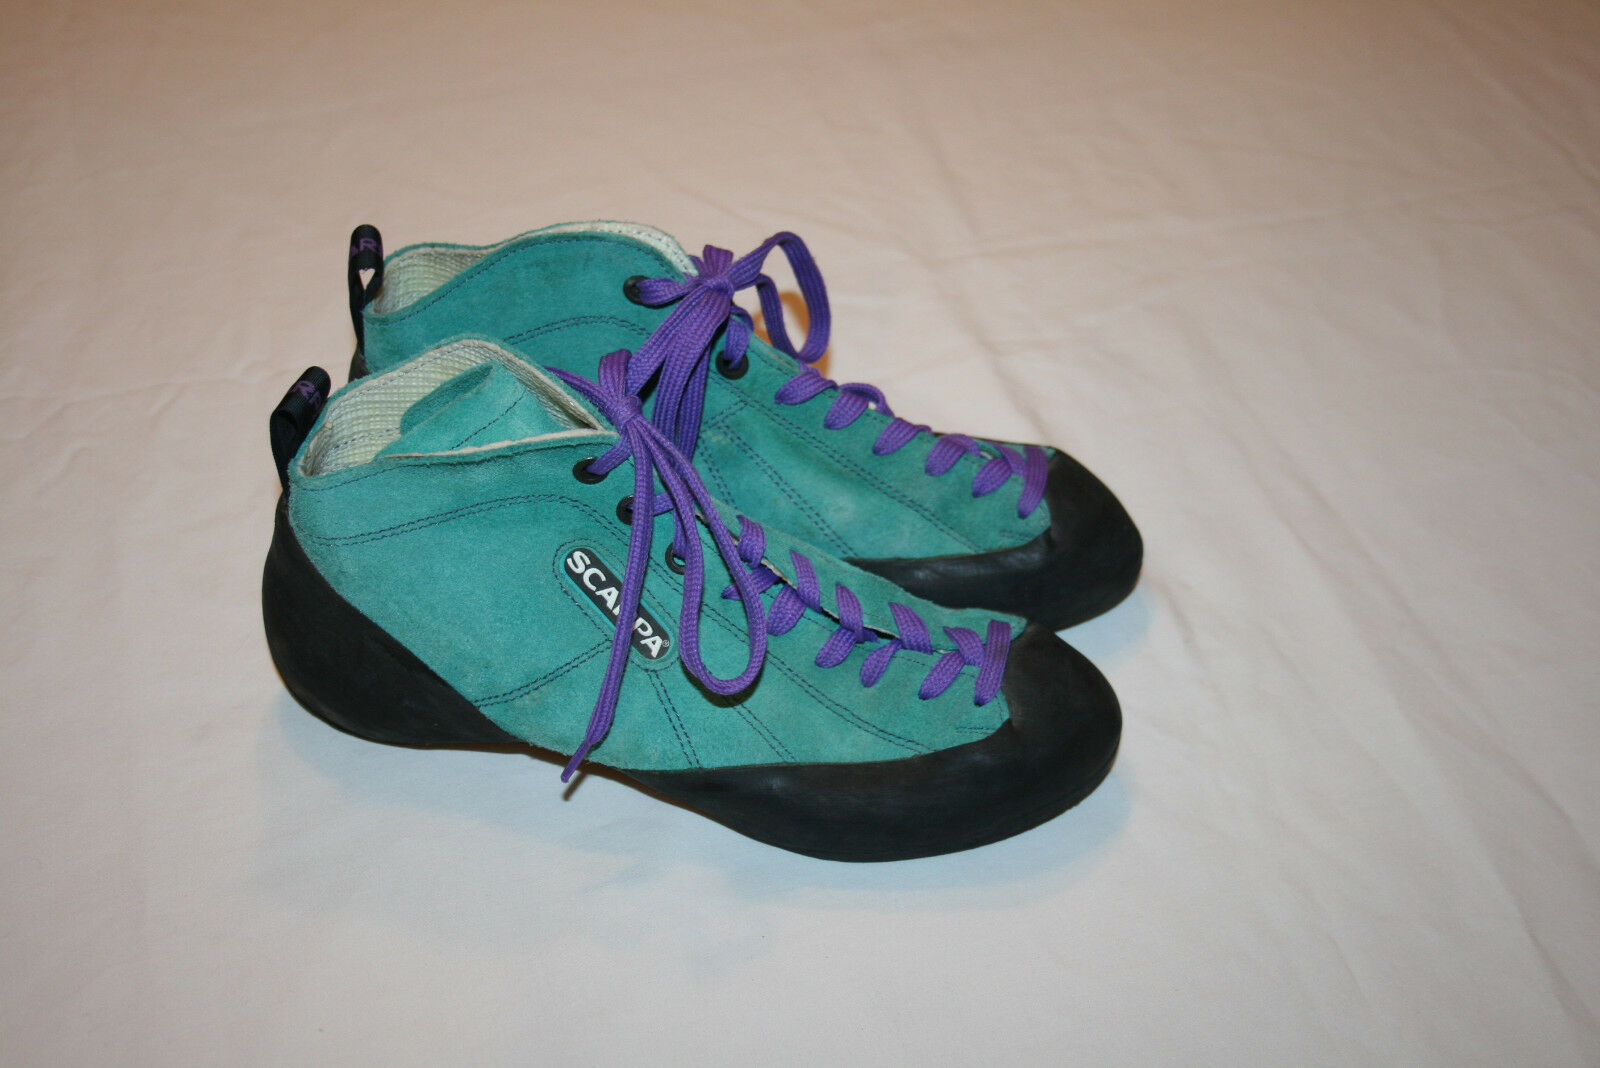 Scarpa Women's  bluee Turquoise Suede Climbing shoes Size 39 UK  EUC  deals sale